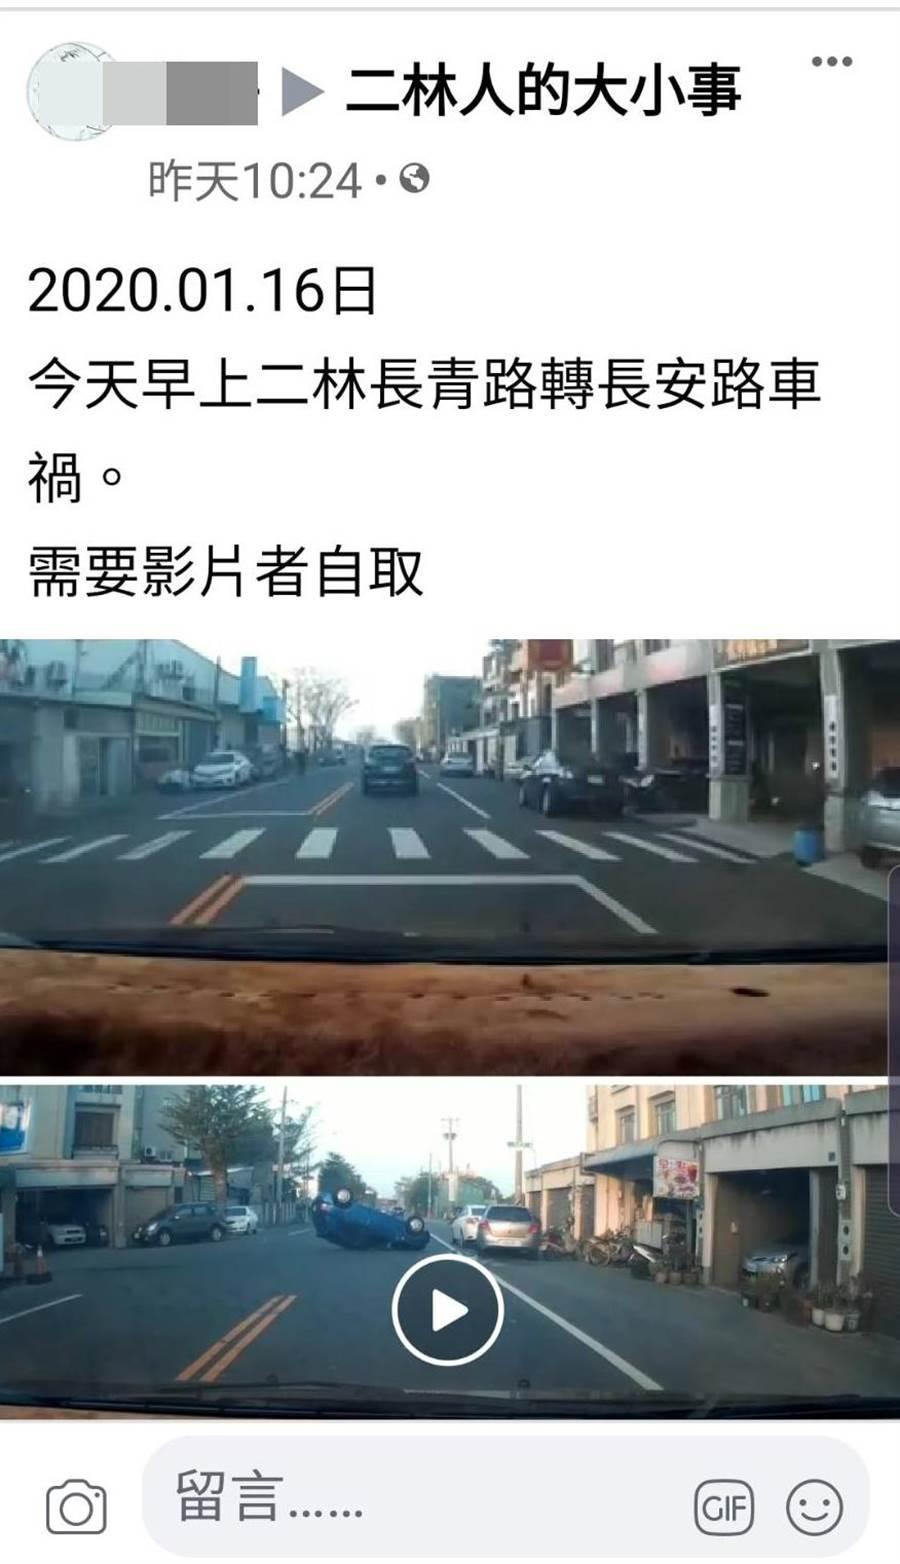 民眾將行車紀錄器影片貼上臉書社團,賈女駕駛藍色自小客車,剛上路就搖搖晃晃,右轉沒多久就撞上停在路邊的自小客車。(翻攝自FB社團「二林人的大小事」/謝瓊雲彰化報導)